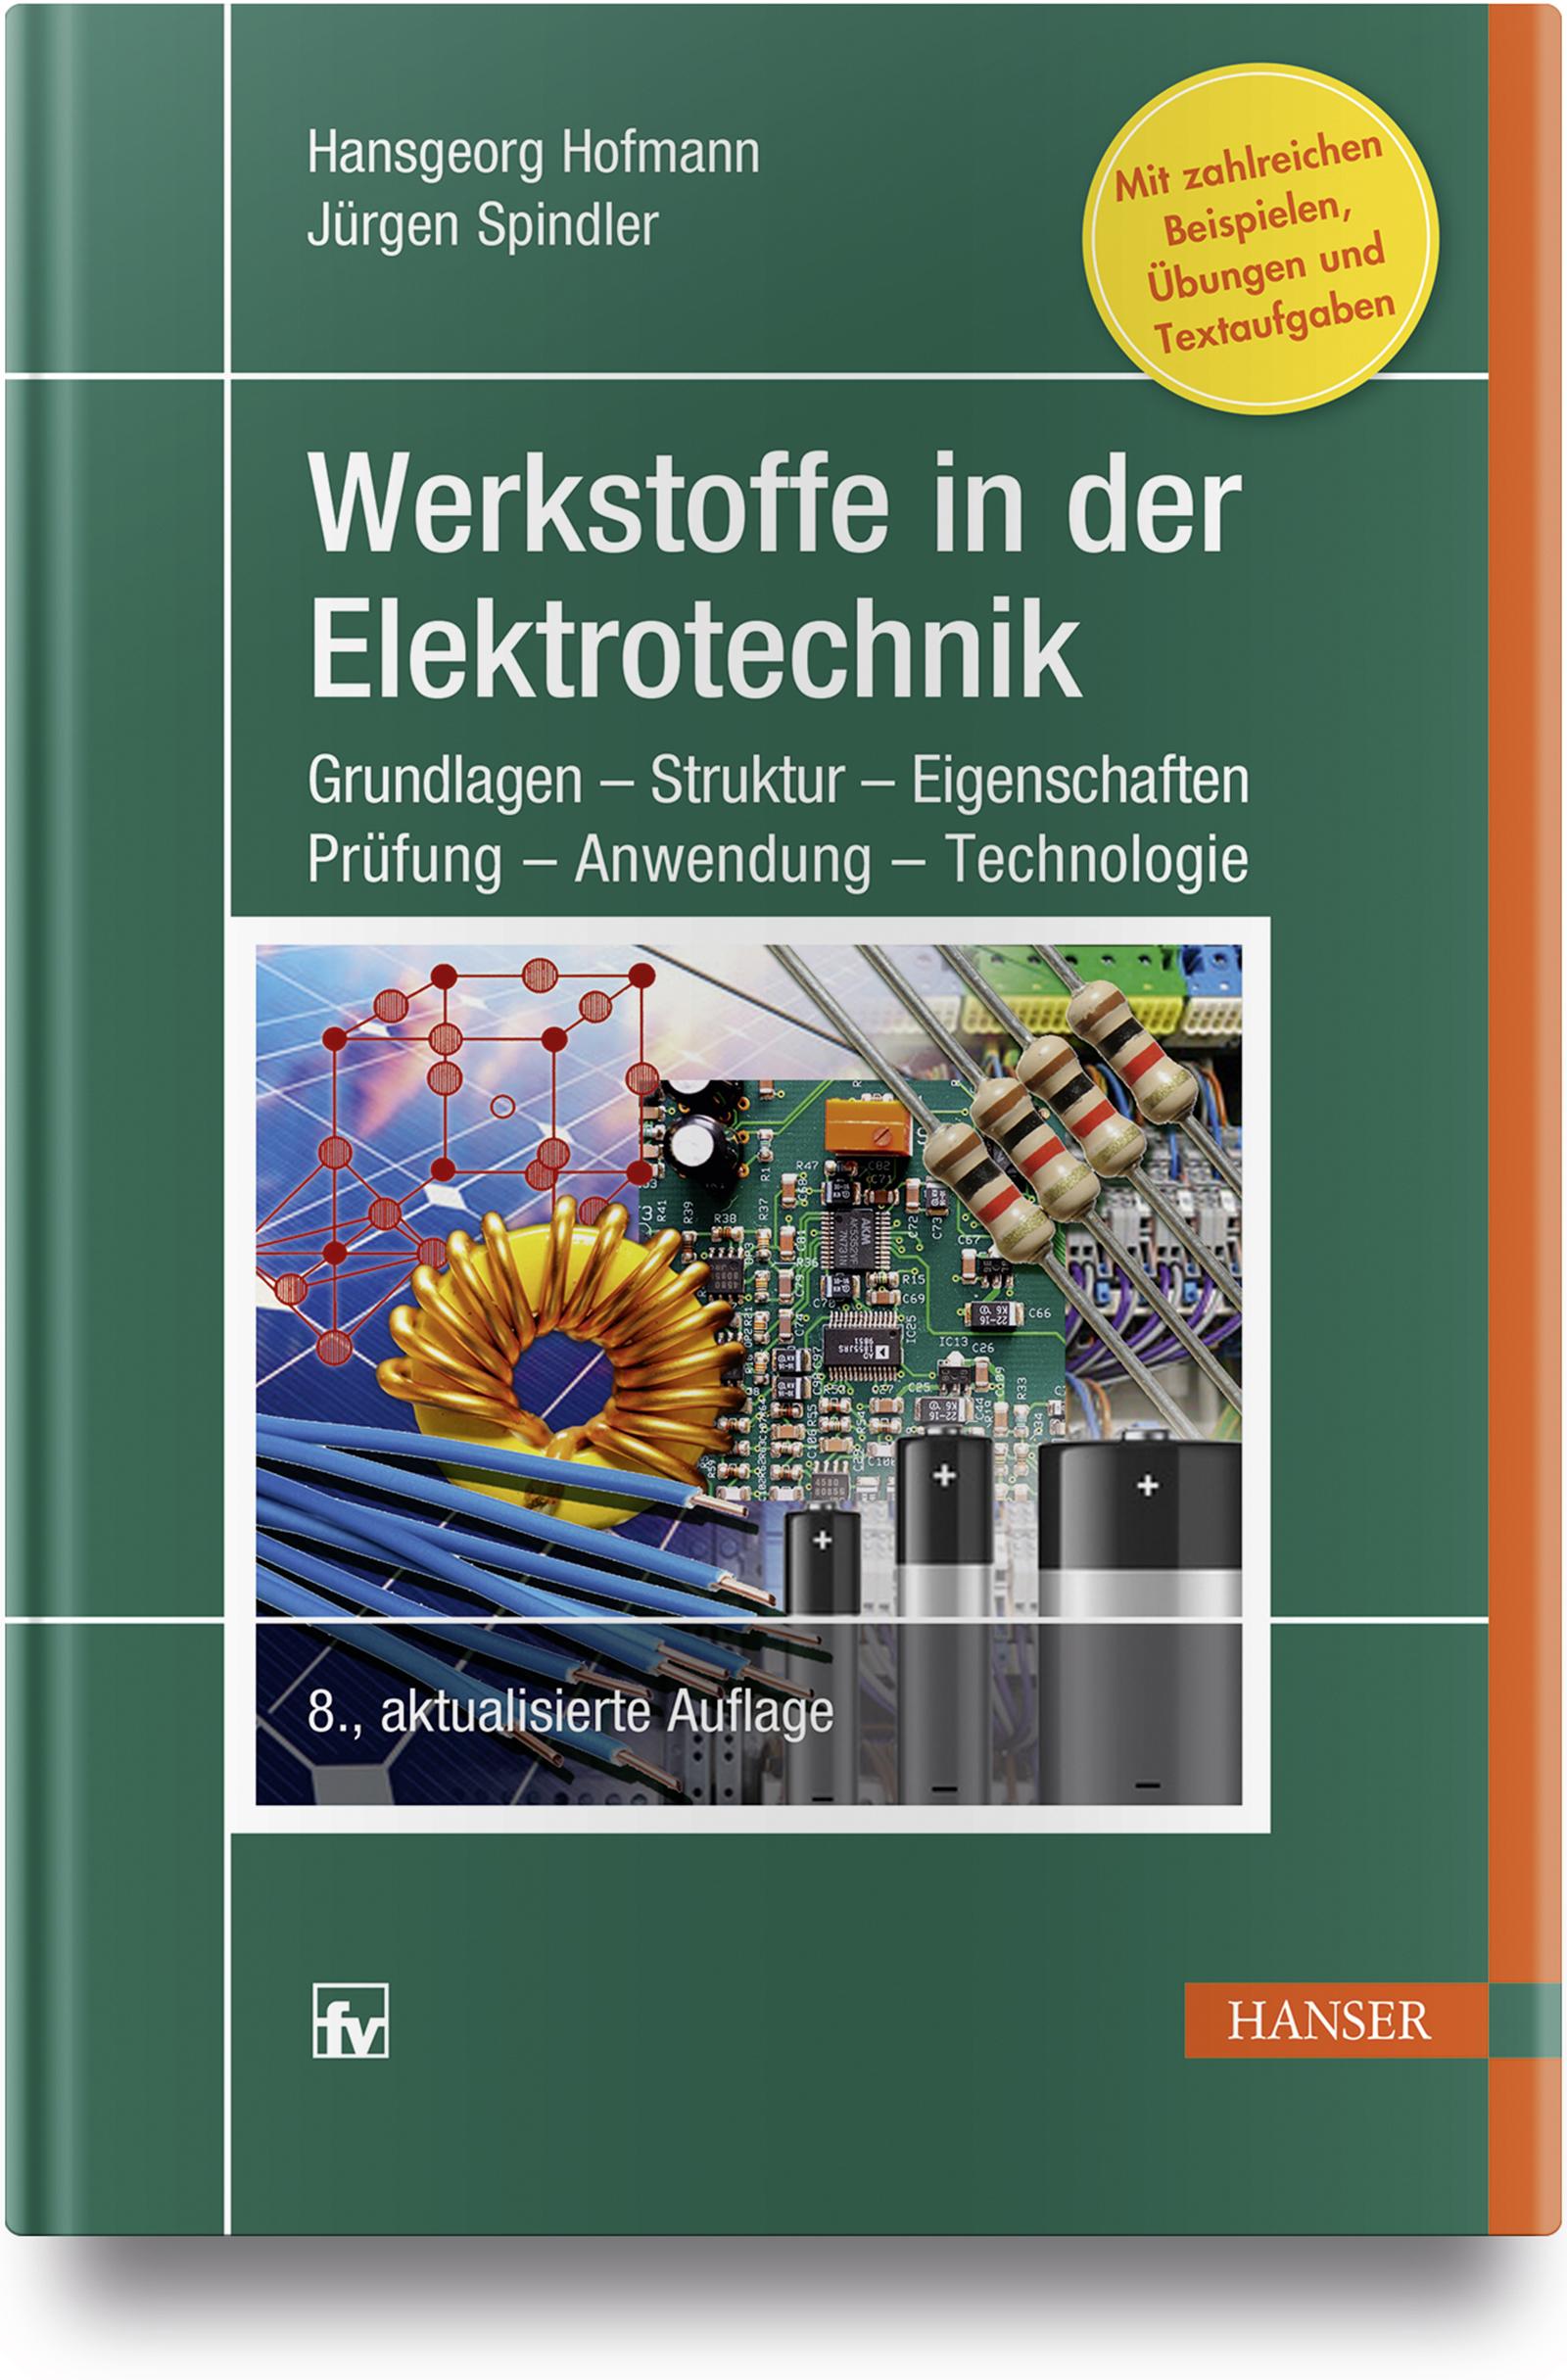 Hofmann, Spindler, Werkstoffe in der Elektrotechnik, 978-3-446-45853-6